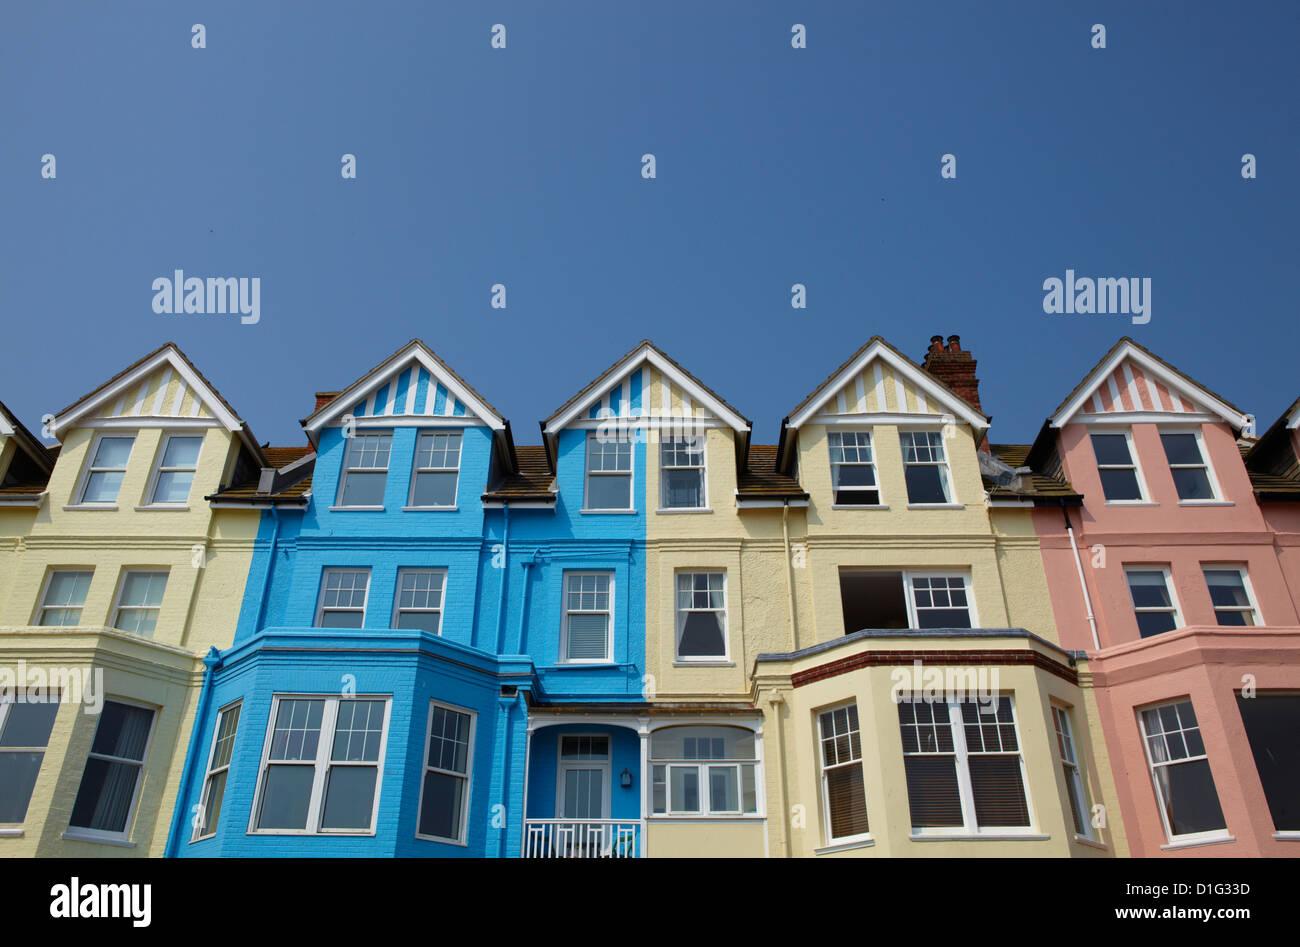 Lungomare di colorate case a Aldeburgh, Suffolk, Inghilterra, Regno Unito, Europa Immagini Stock